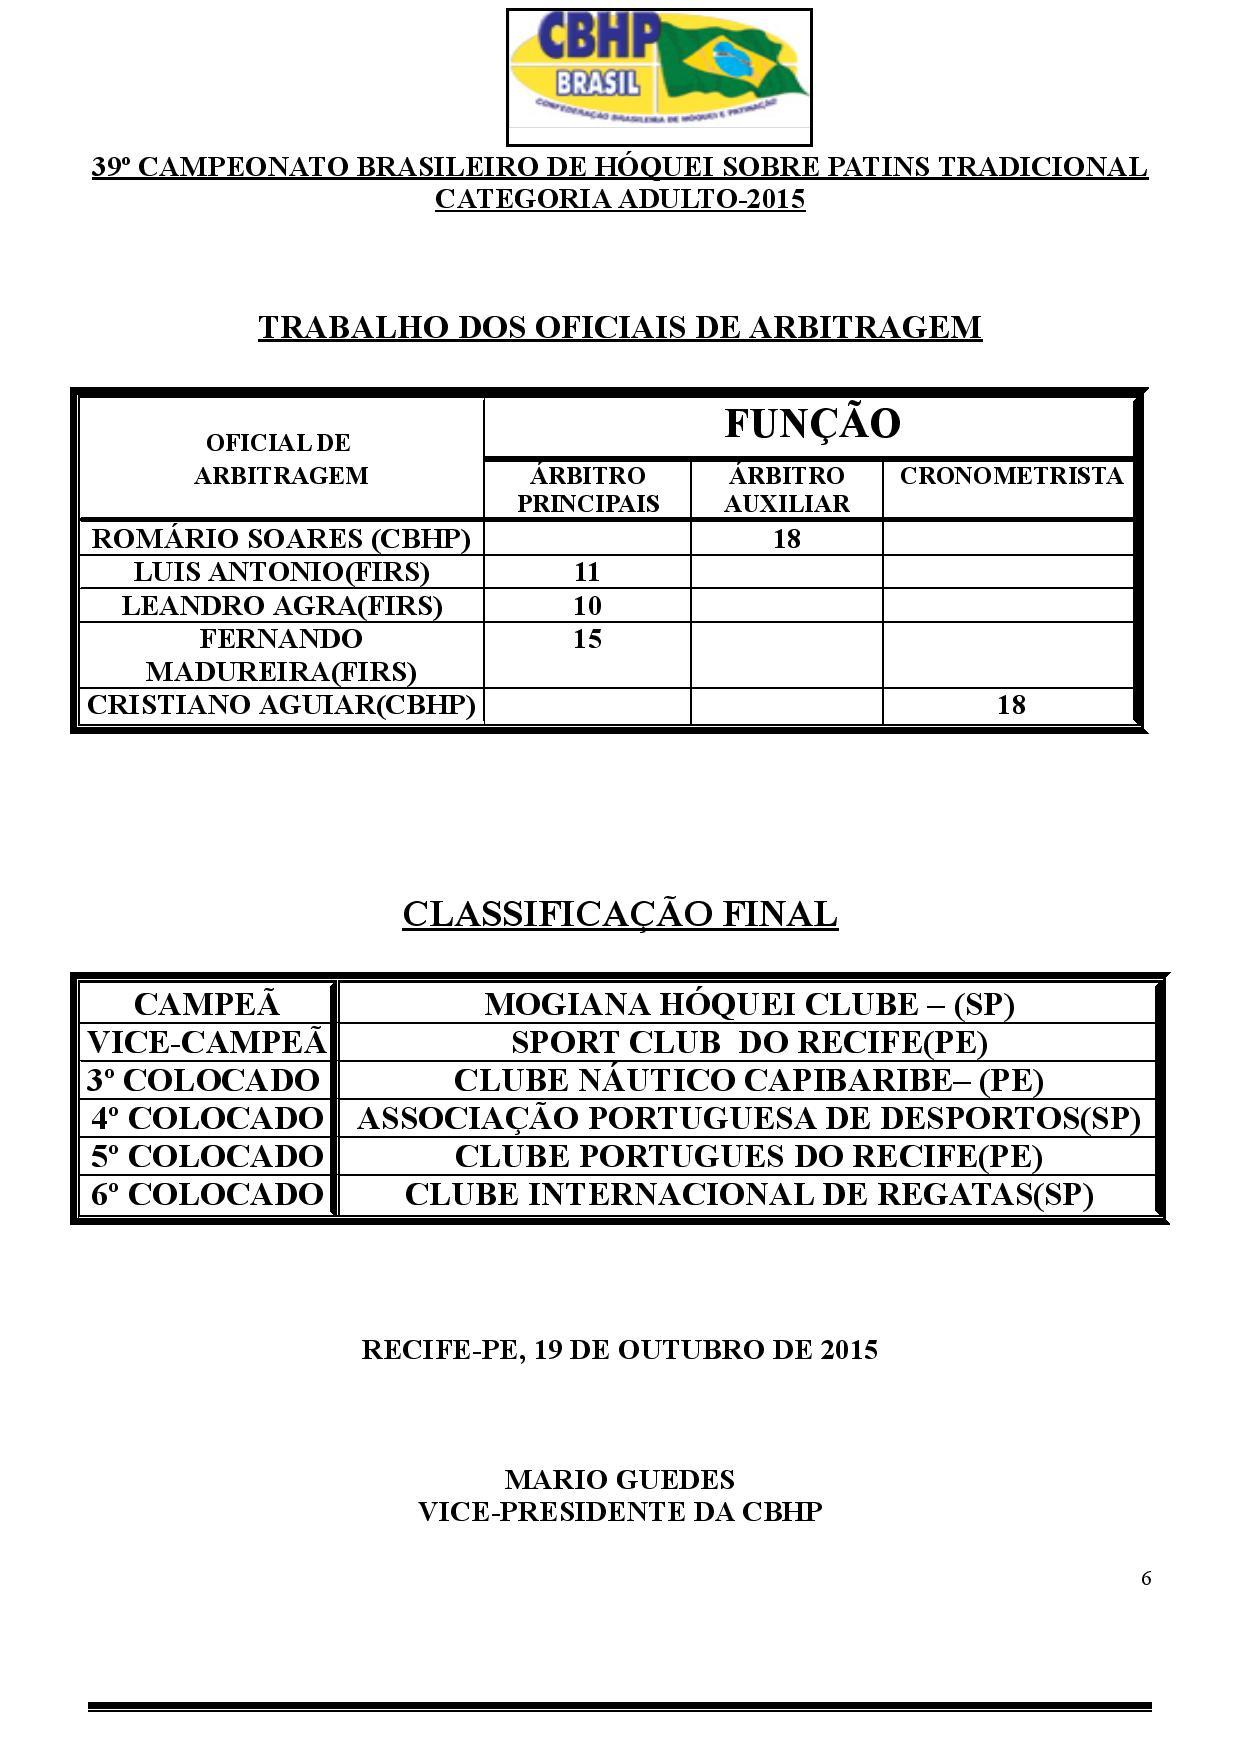 ESTATISTICAS-page-006